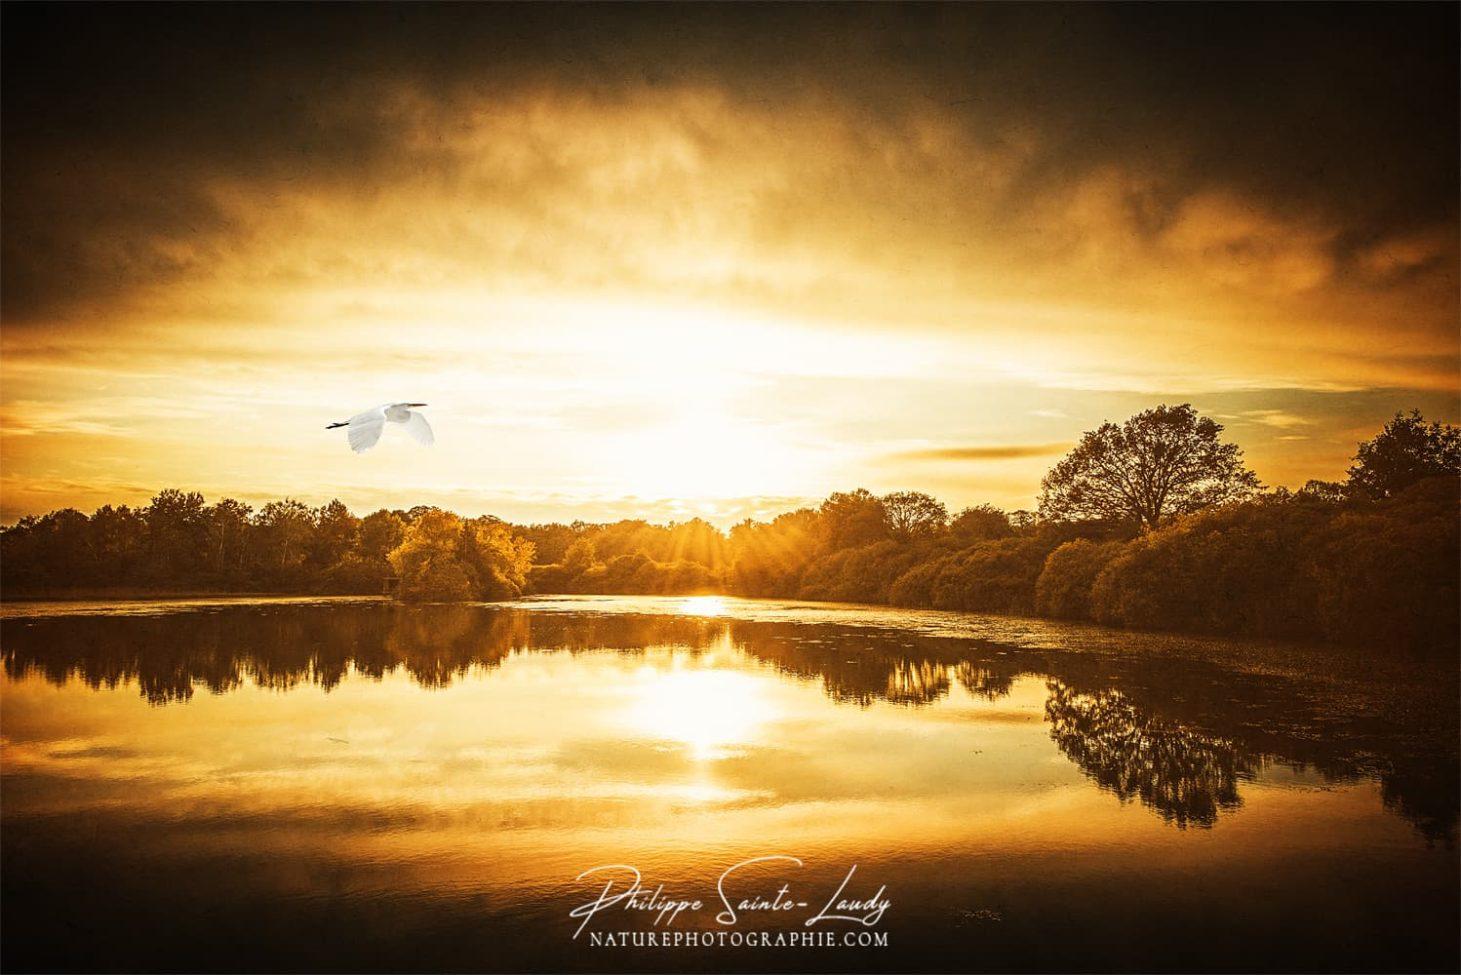 Vol de héron dans un paysage d'automne